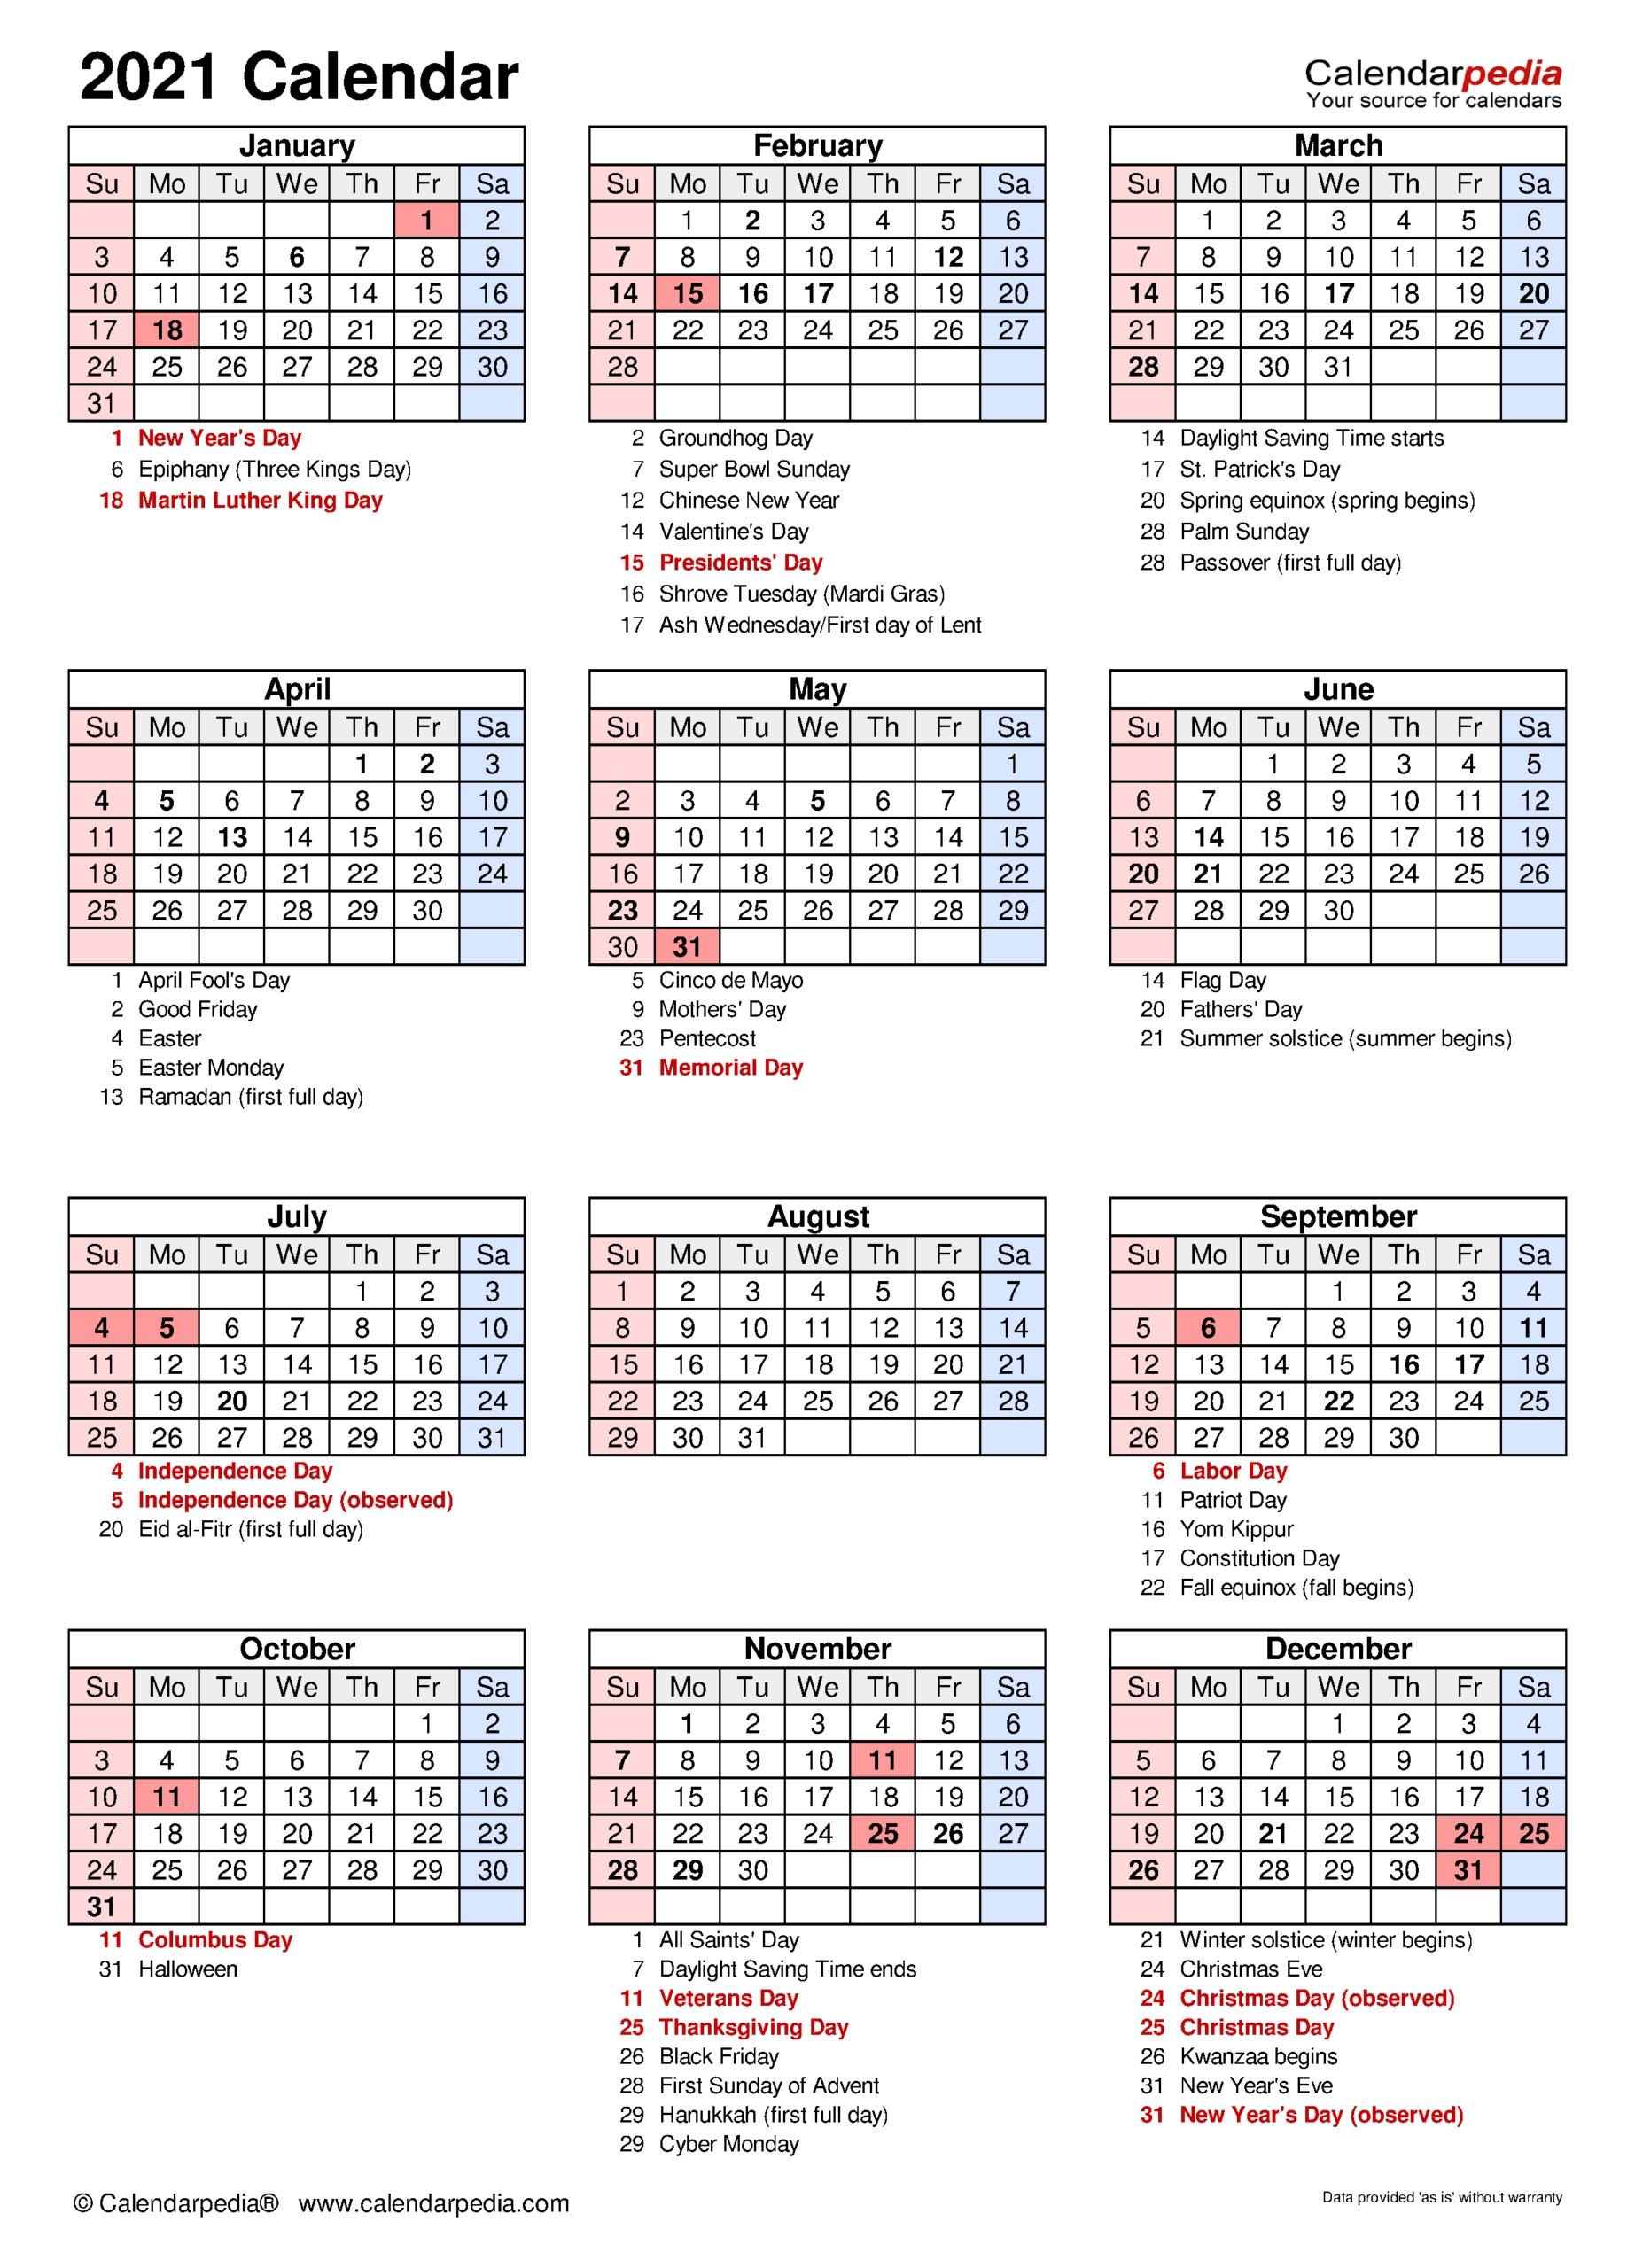 Shift Calendar 2021 Free   Calendar Printables Free Blank pertaining to Calendar 2019 2021 2021 Printable Free